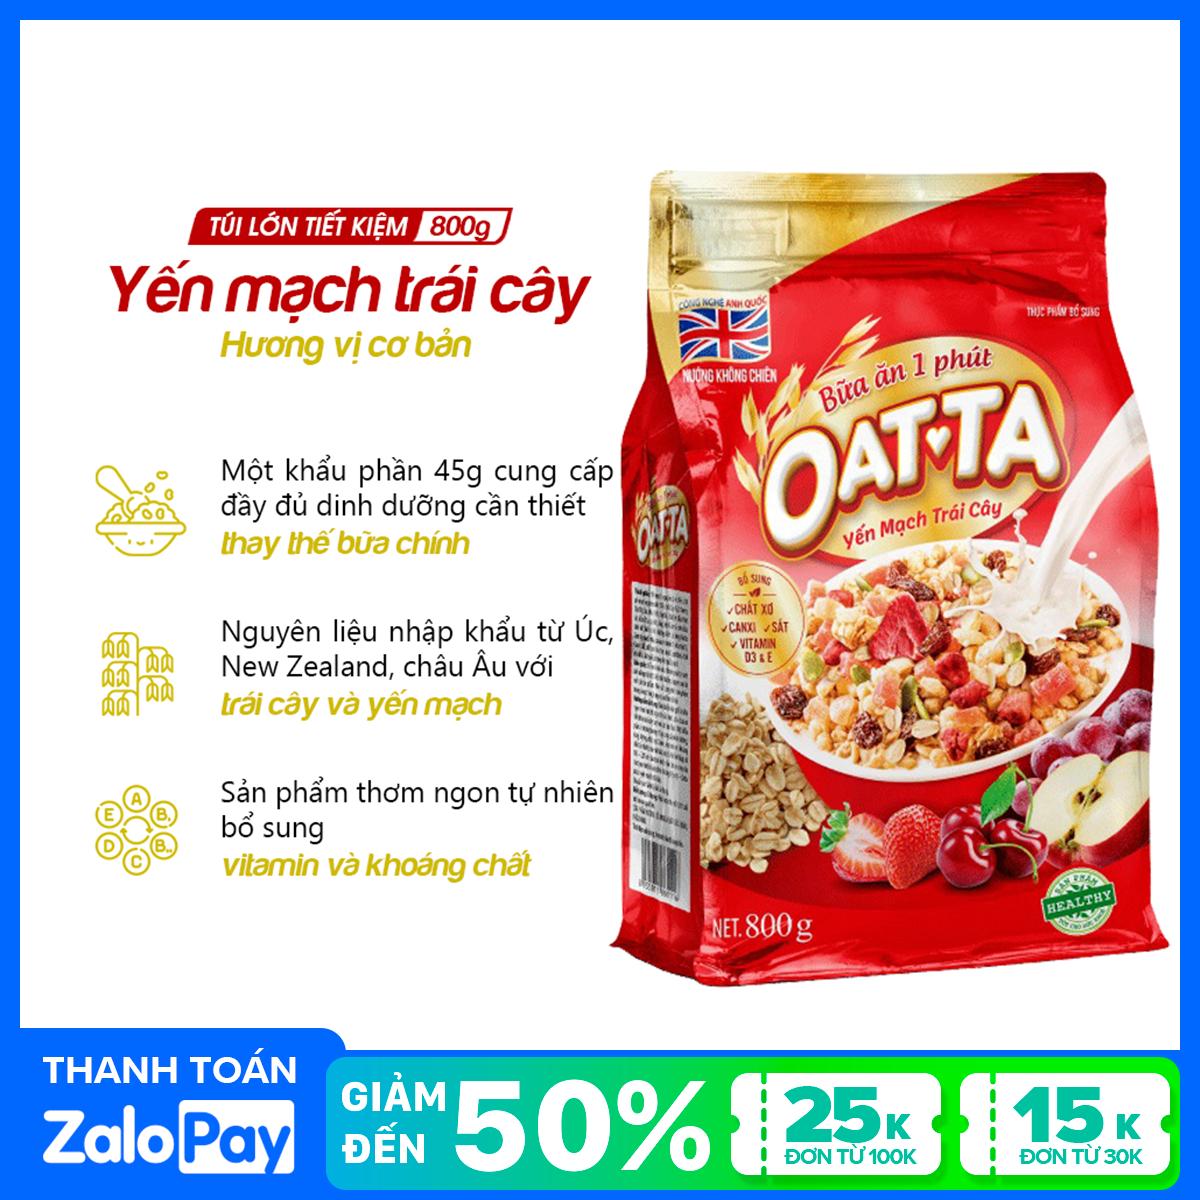 Yến mạch trái cây Oatta túi 800g